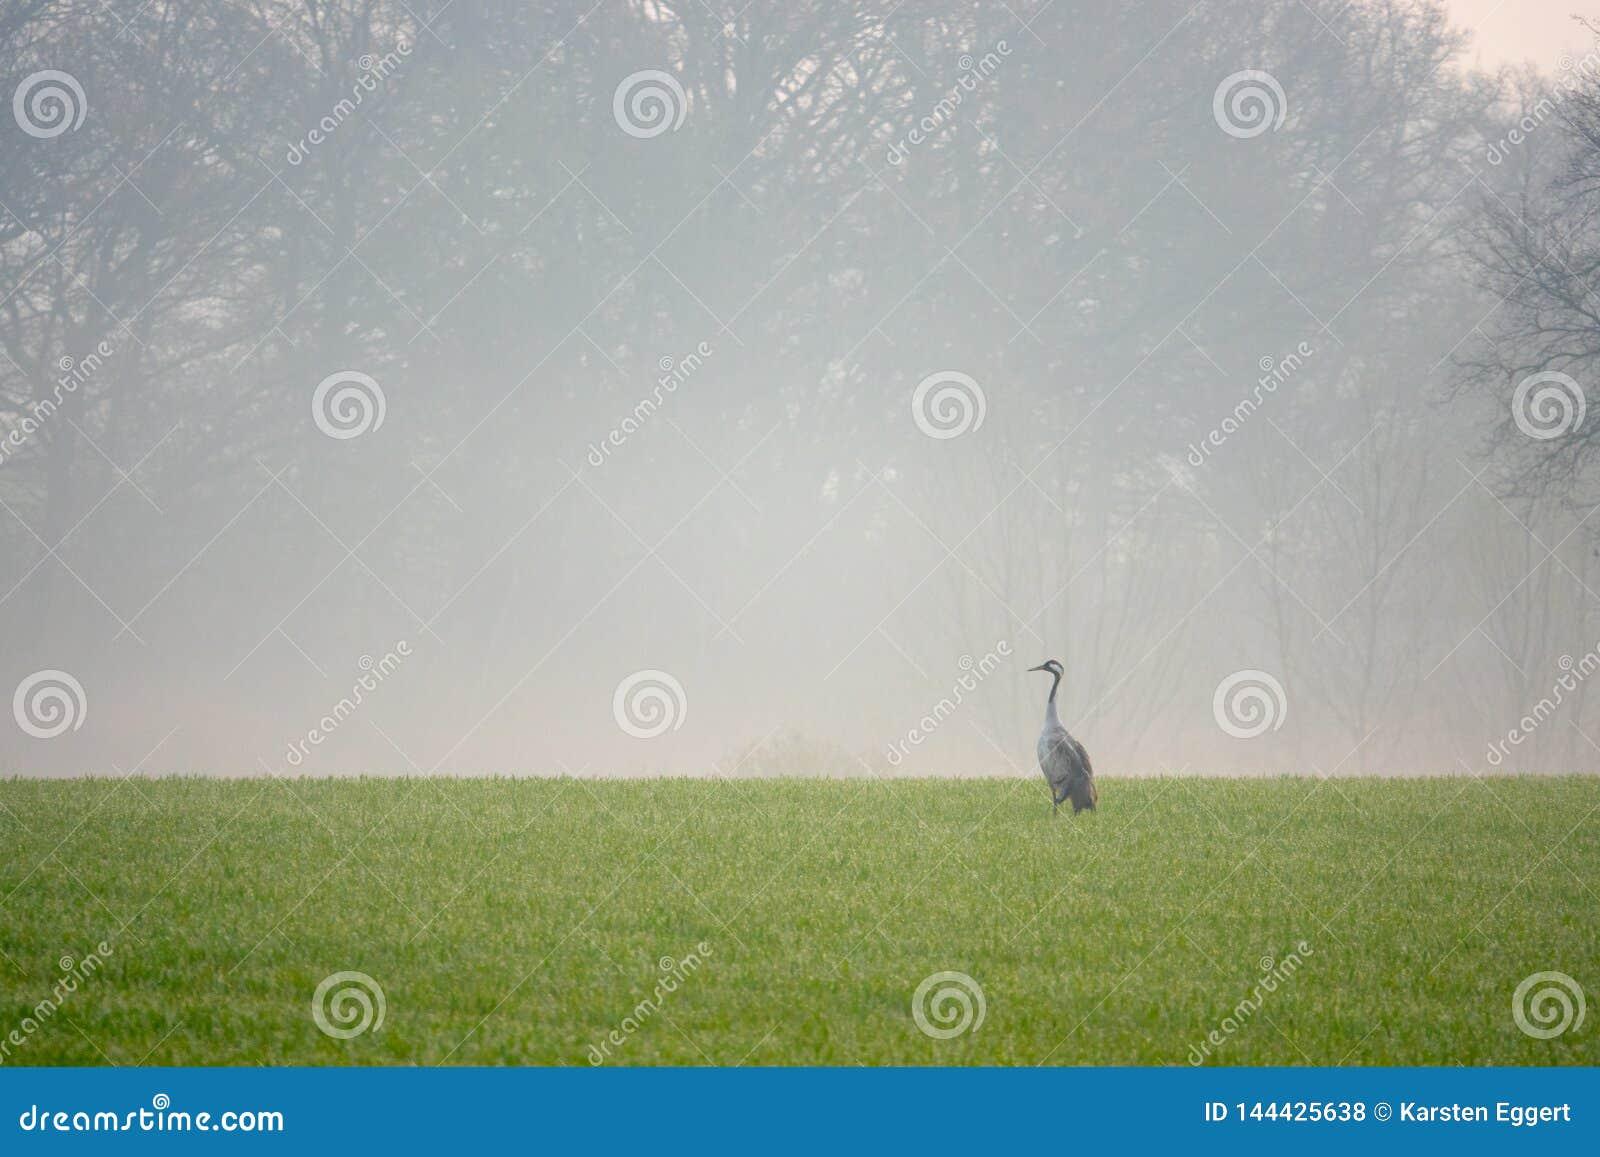 Una grúa está buscando la comida en un campo temprano por la mañana